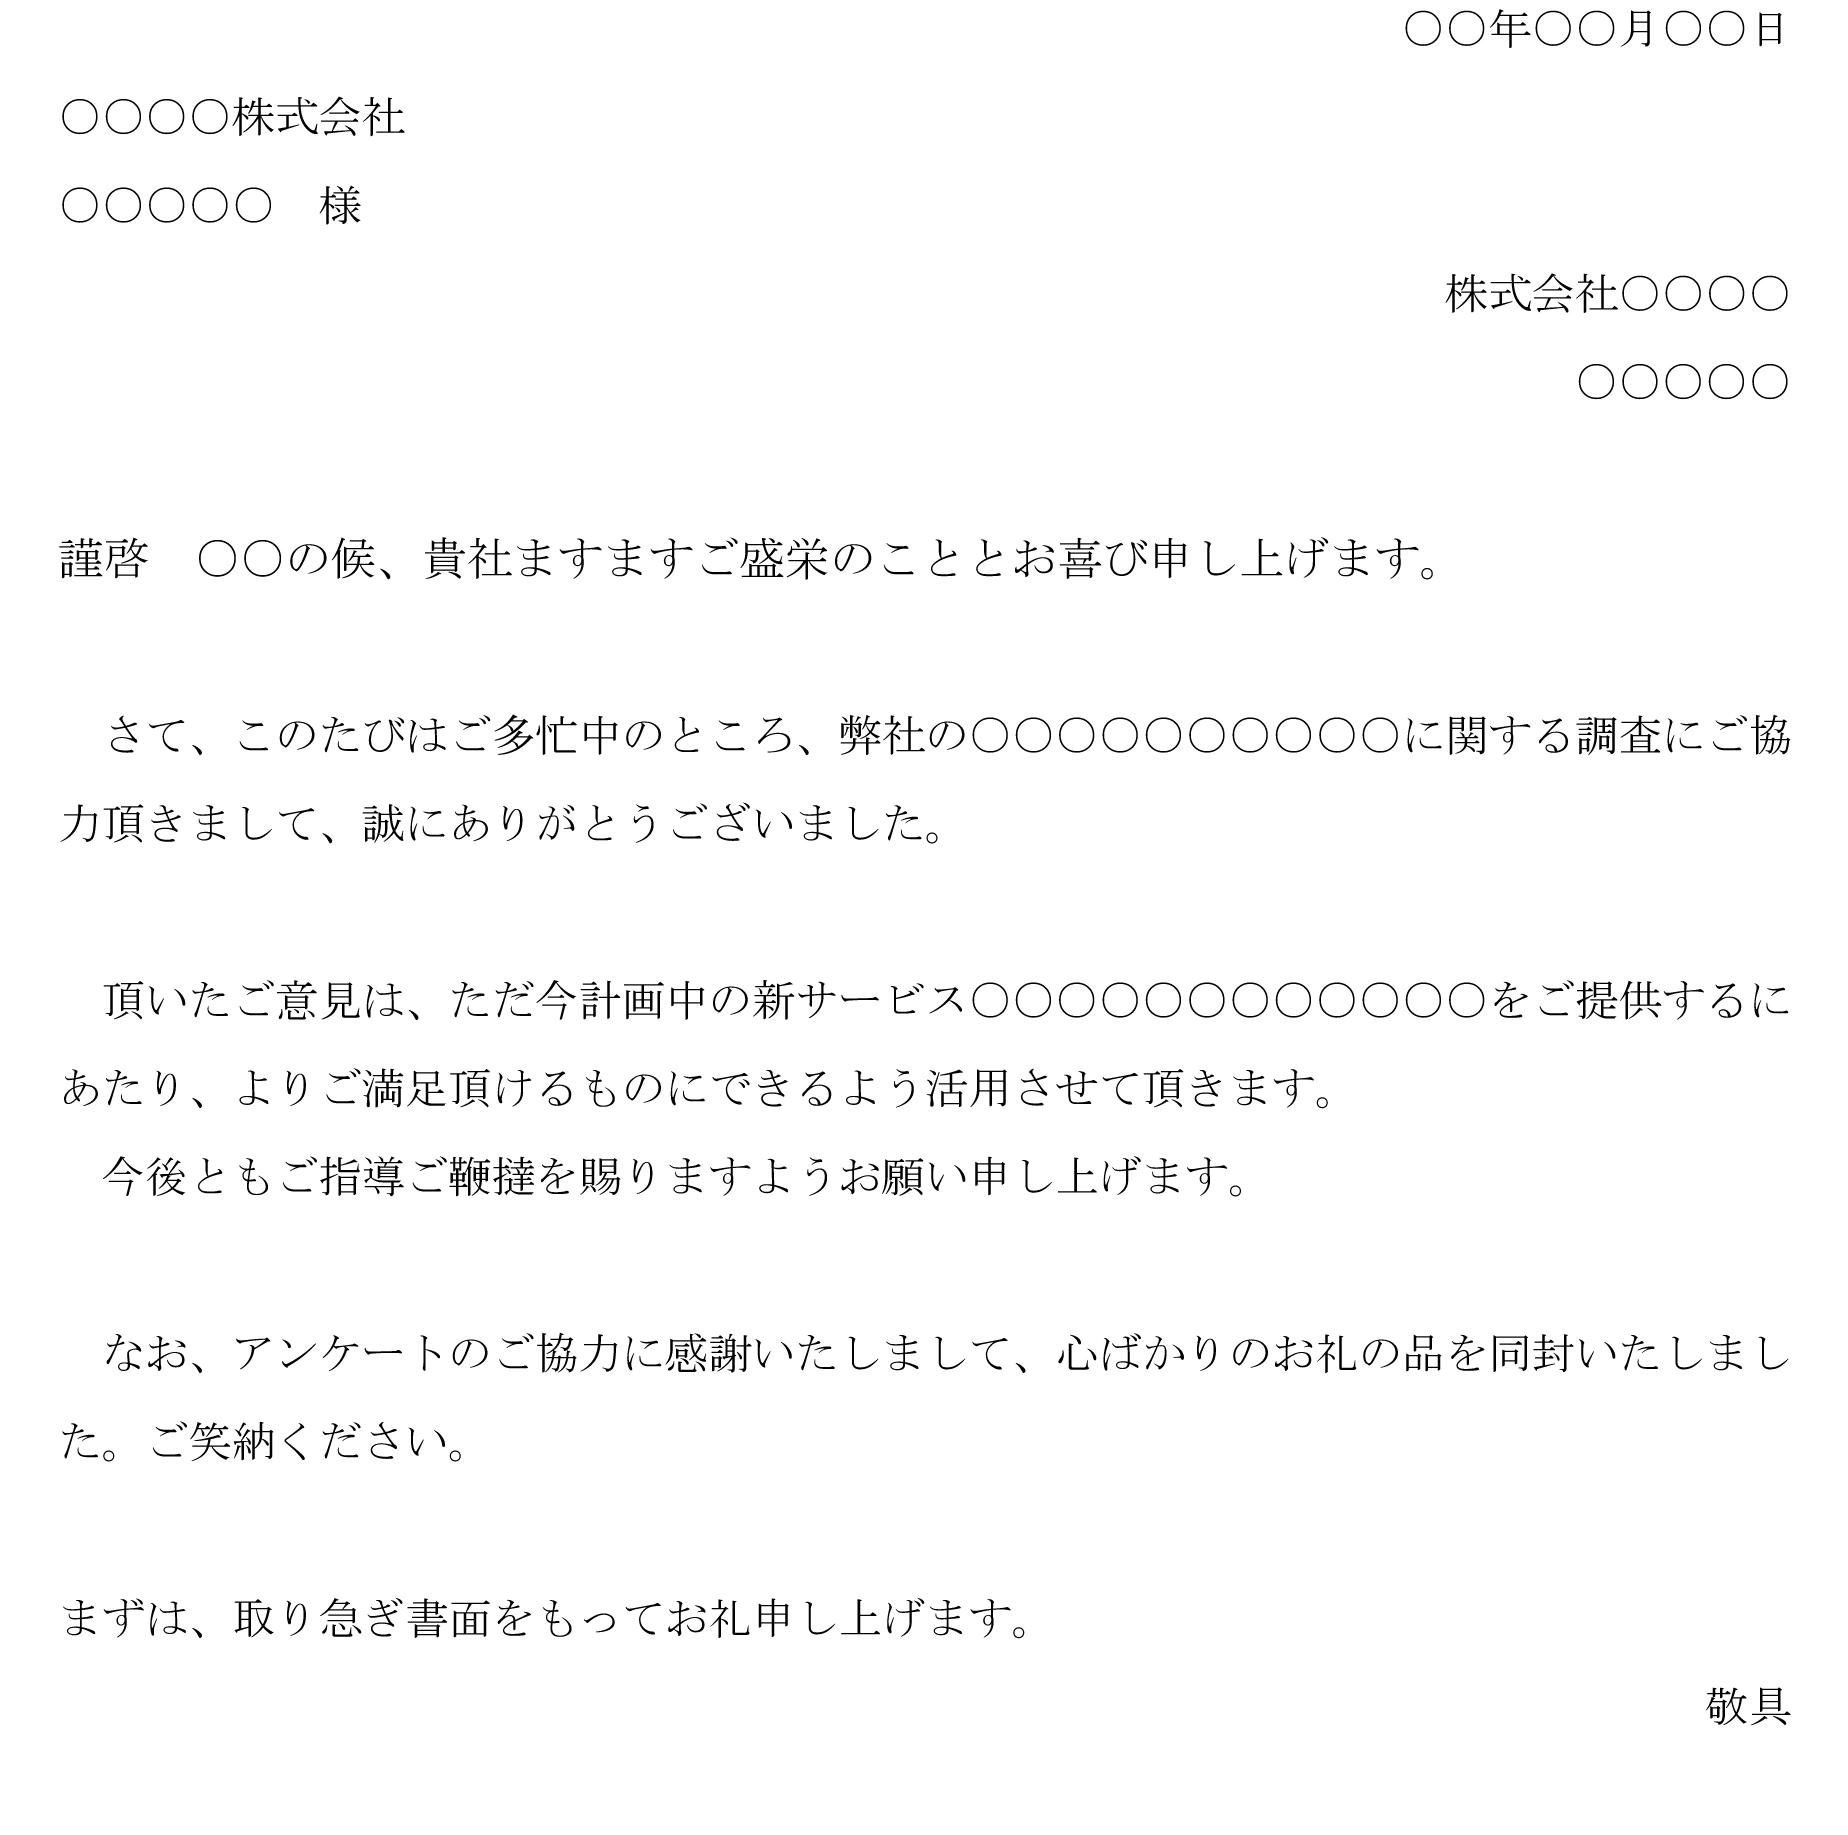 お礼状(調査協力・粗品同封)